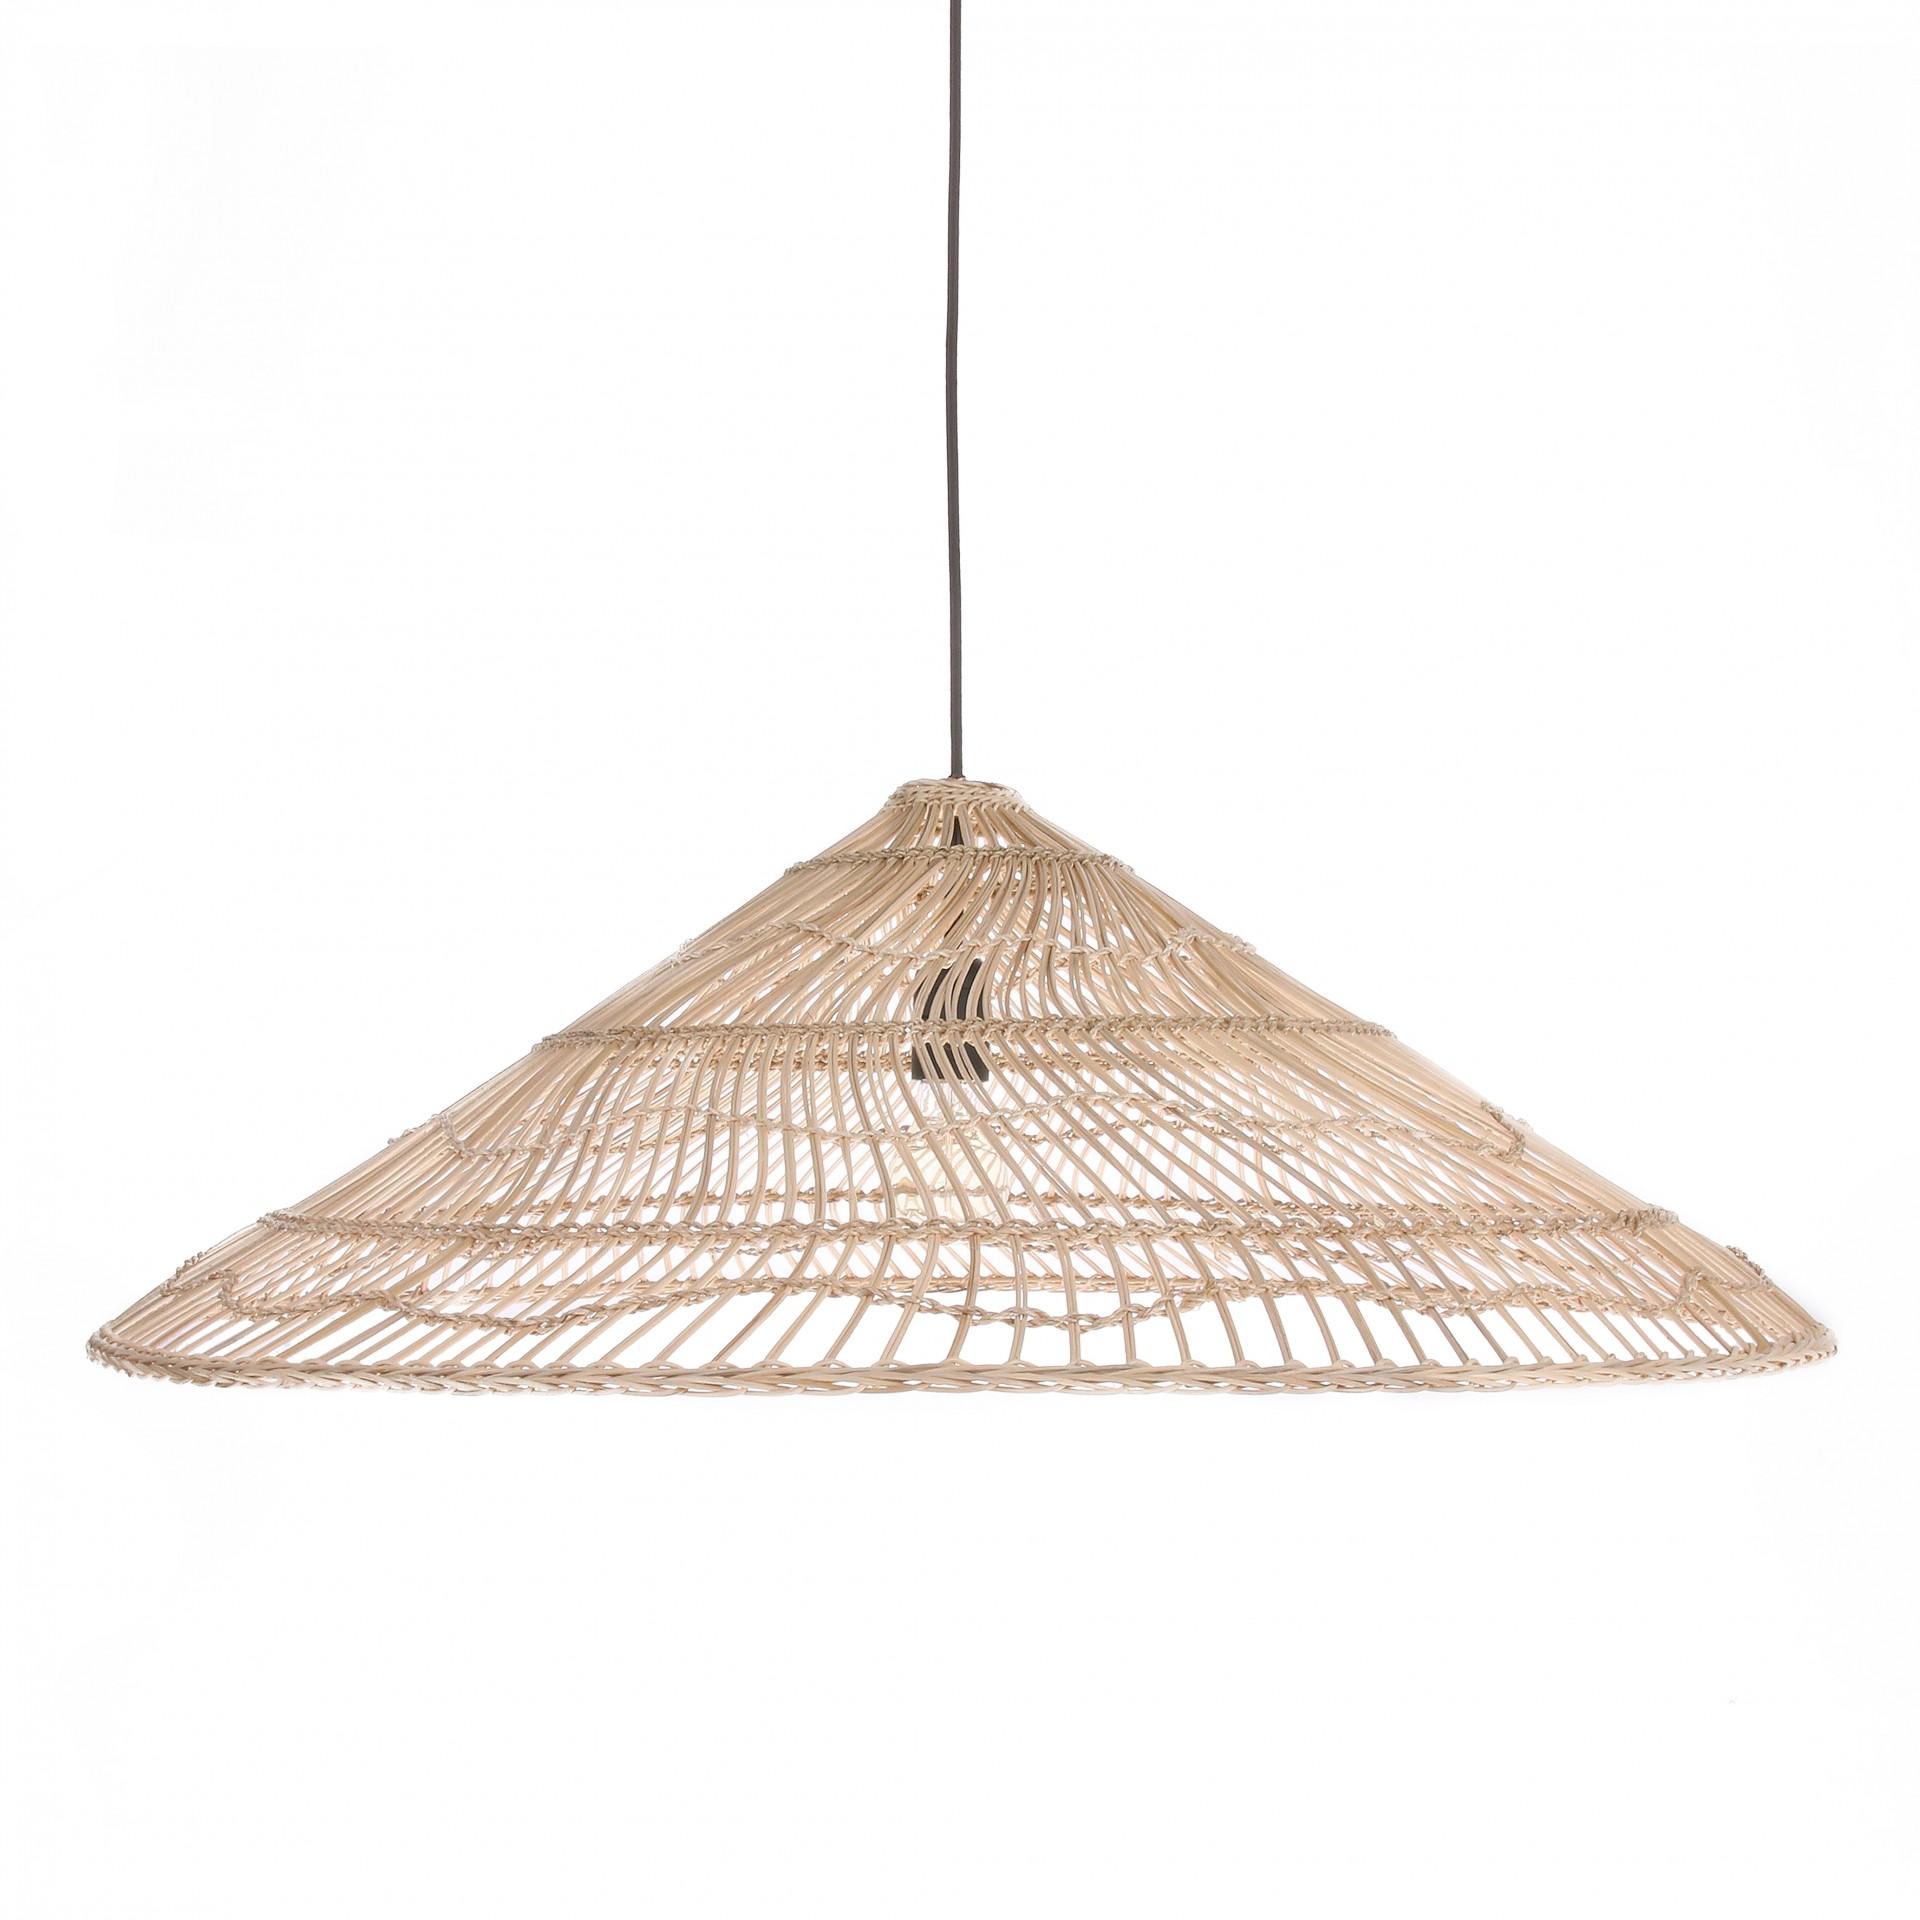 Candeeiro de tecto, vime natural, Ø80x26 cm